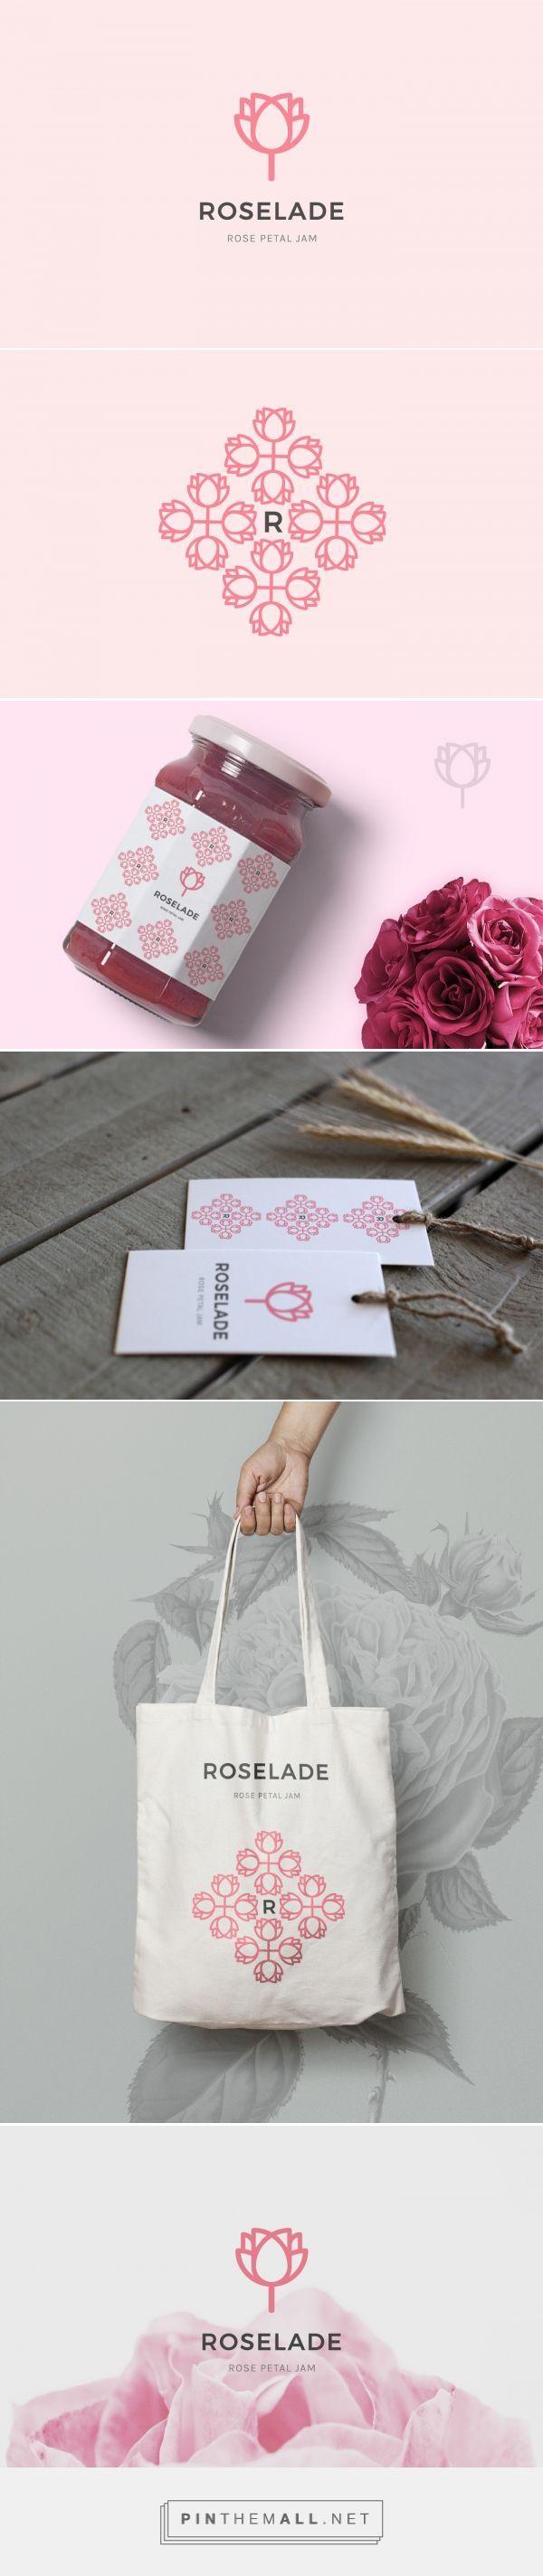 Roselade Branding on Behance | Fivestar Branding – Design and Branding Agency…